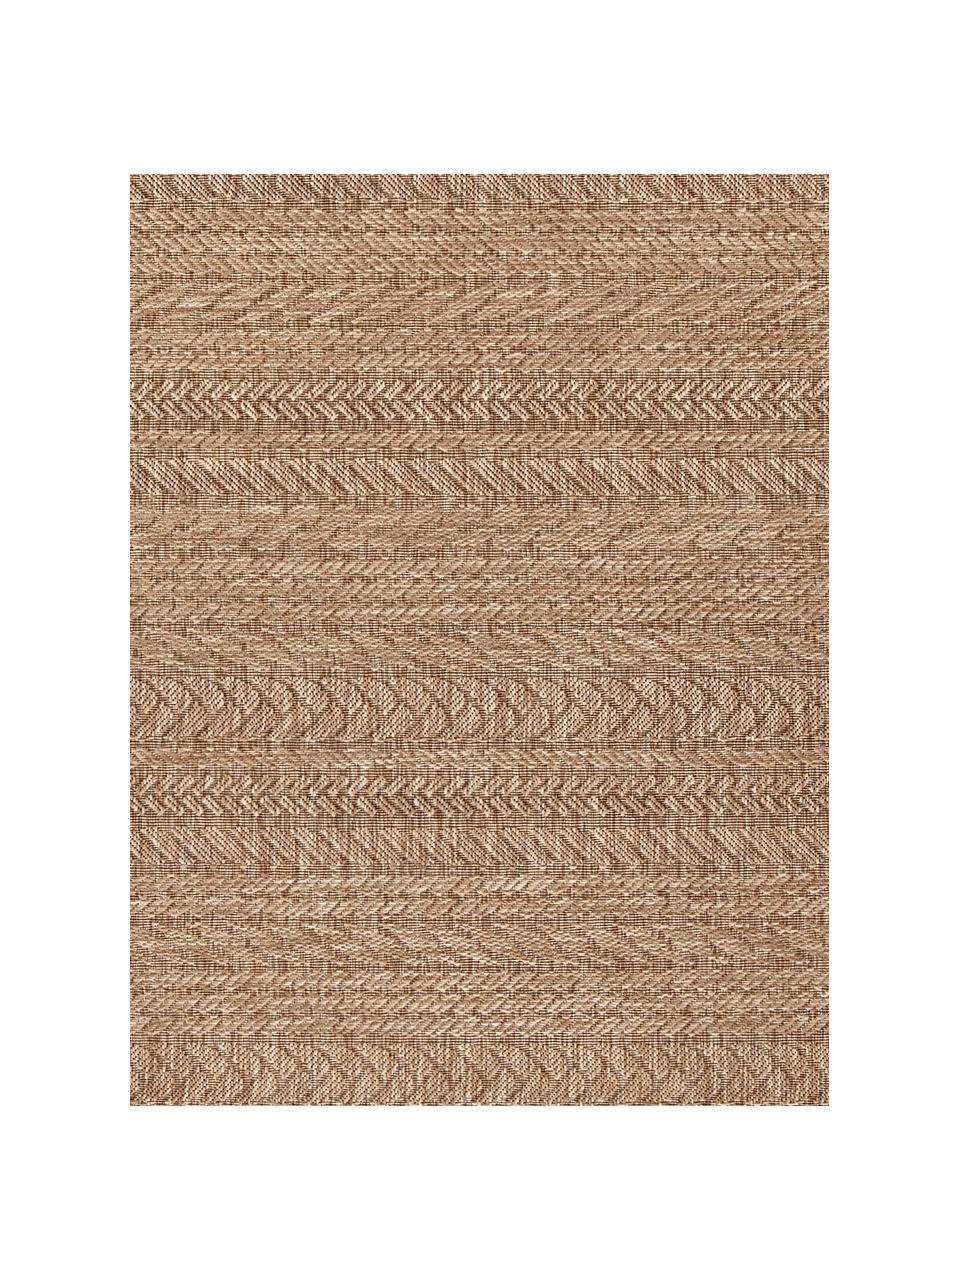 In- & Outdoor-Teppich Granado in Jute-Optik, 100% Polypropylen, Beige, Braun, B 200 x L 290 cm (Größe L)